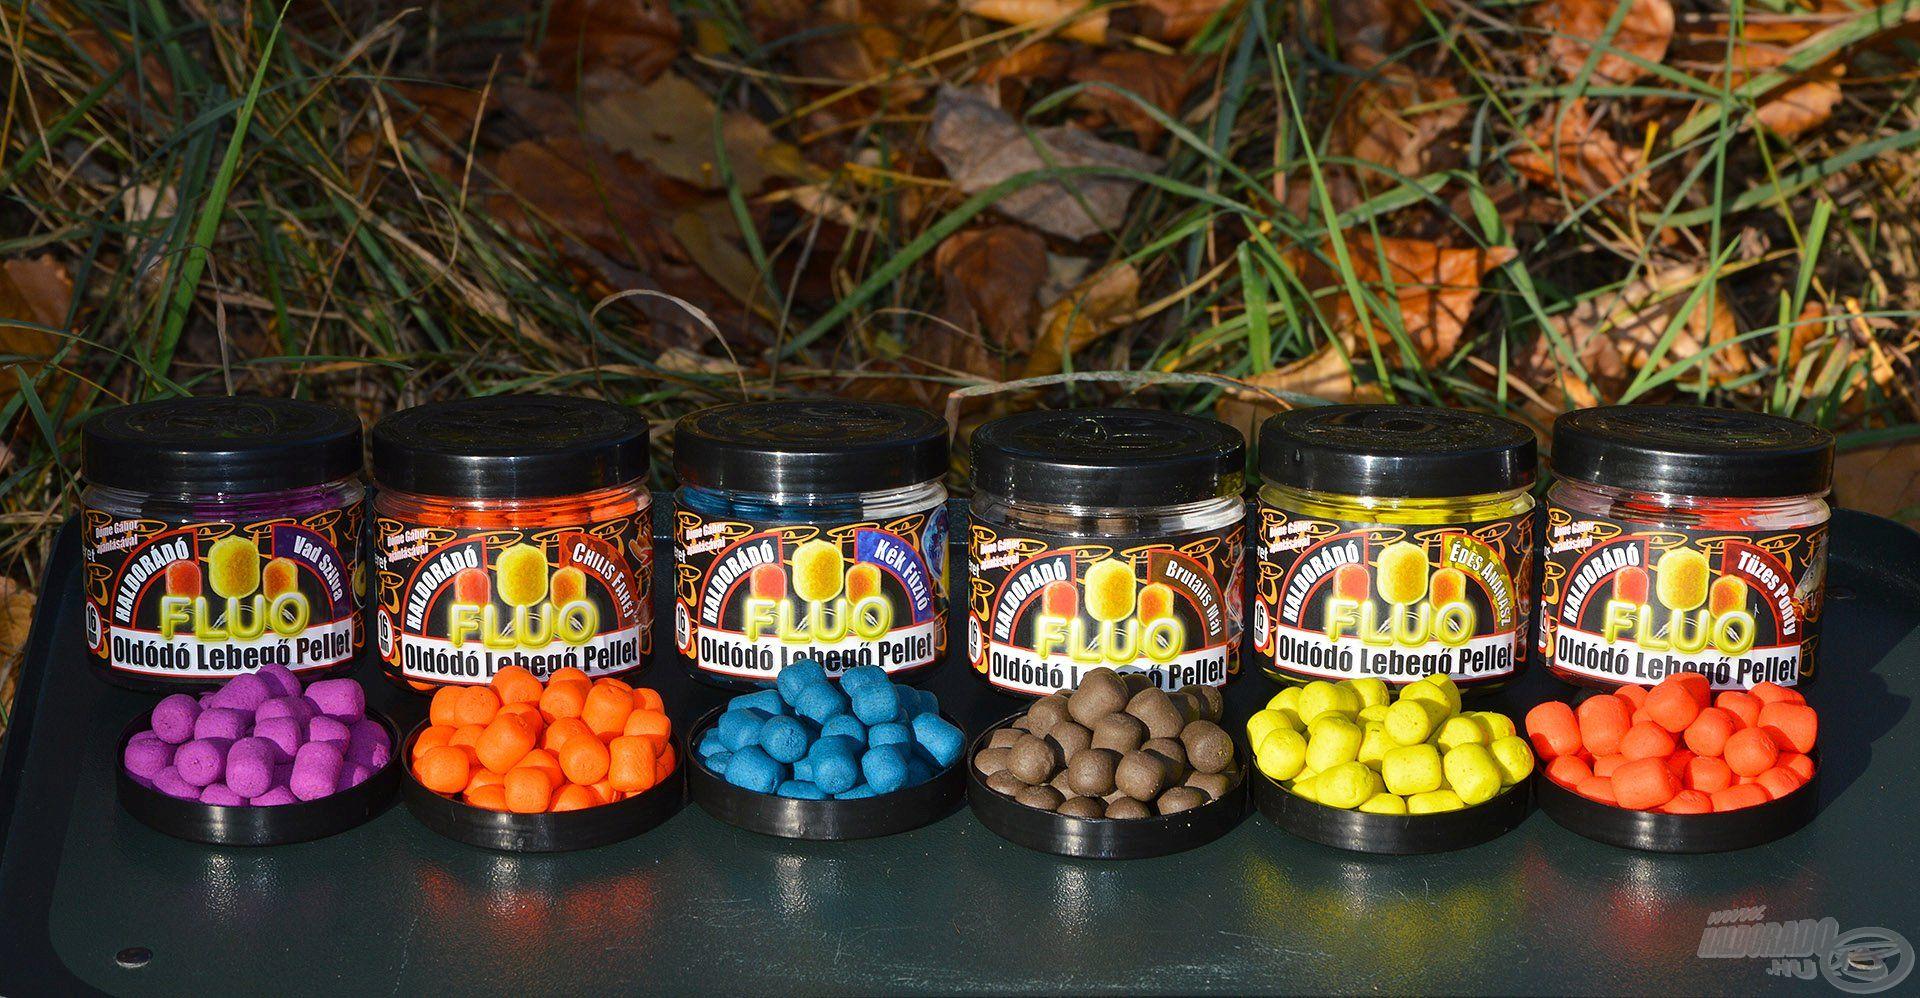 A Haldorádó Oldódó Fluo Lebegő Pellet család minden időszakra és vízterületre kínál fogós alternatívát színben és ízesítésben egyaránt!